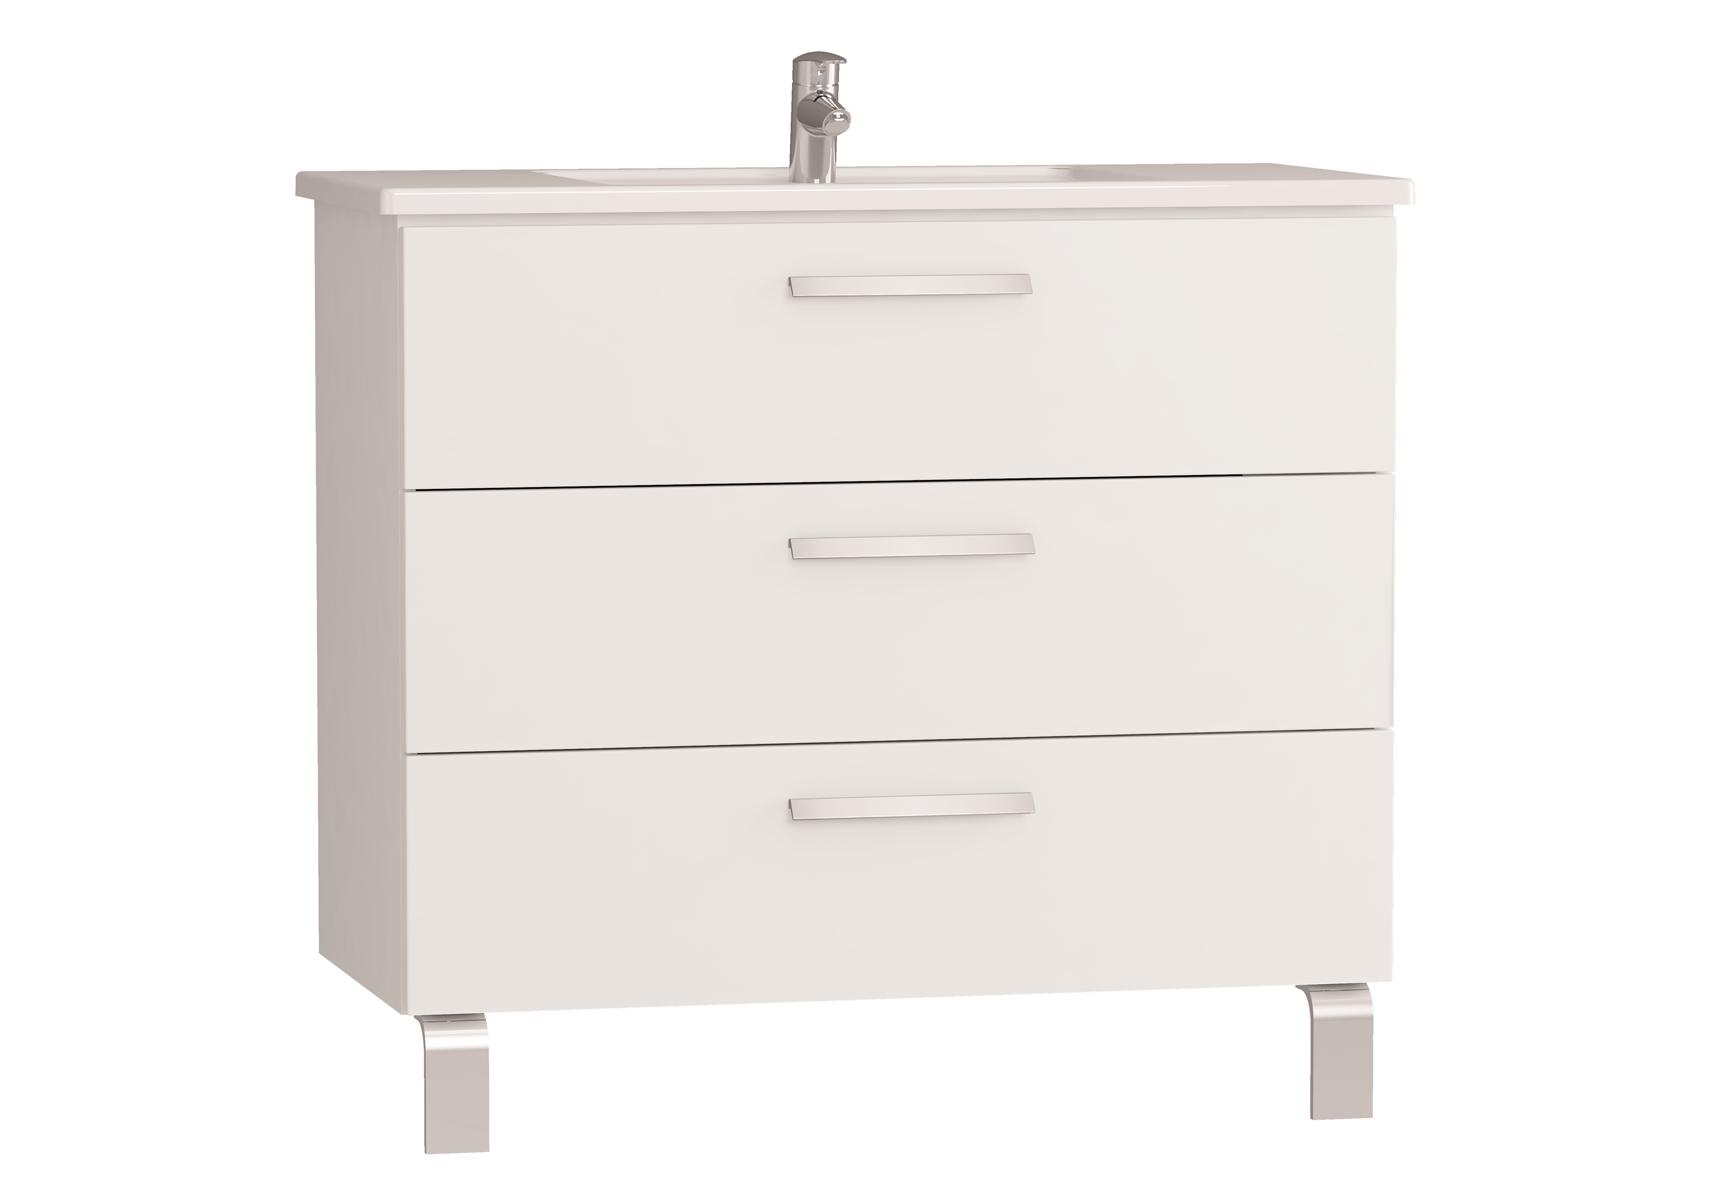 Integra meuble avec plan céramique avec trois tiroirs, 100 cm, blanc haute brillance